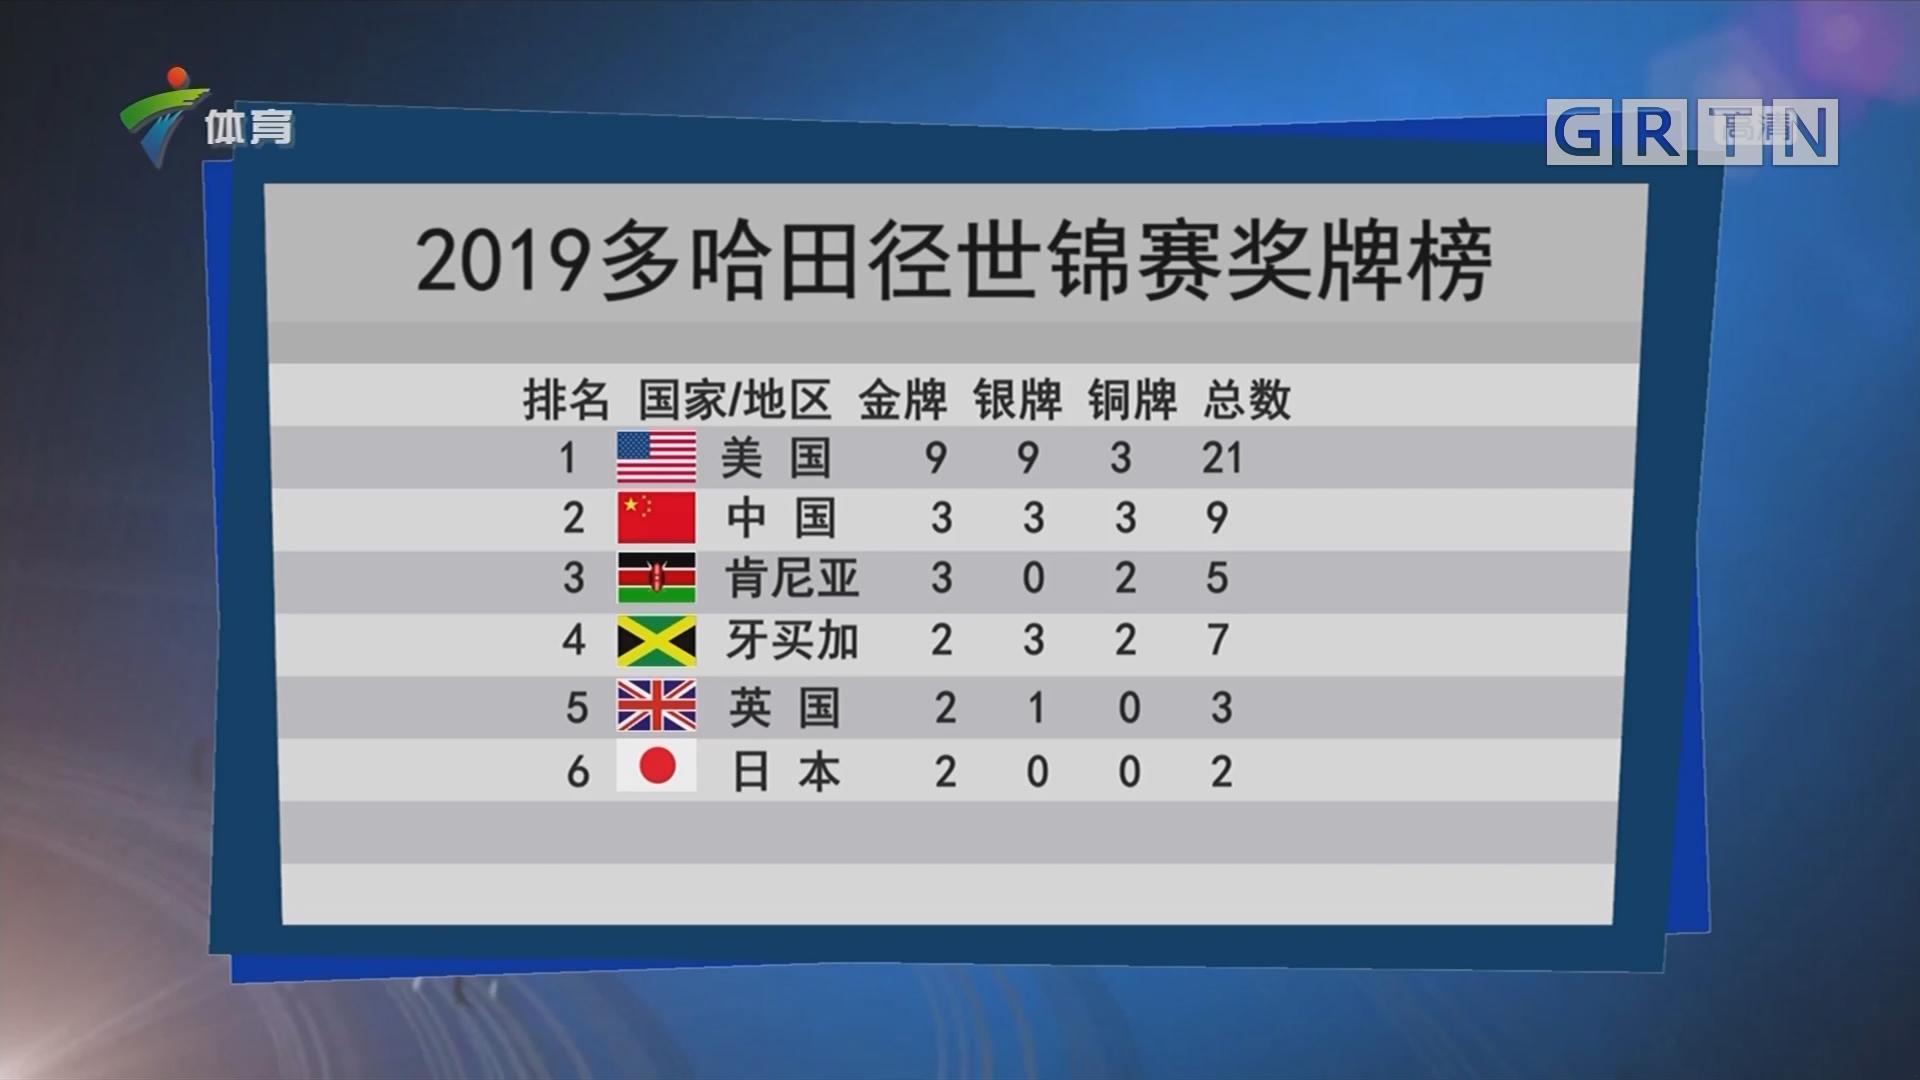 2019多哈田径世锦赛奖牌榜